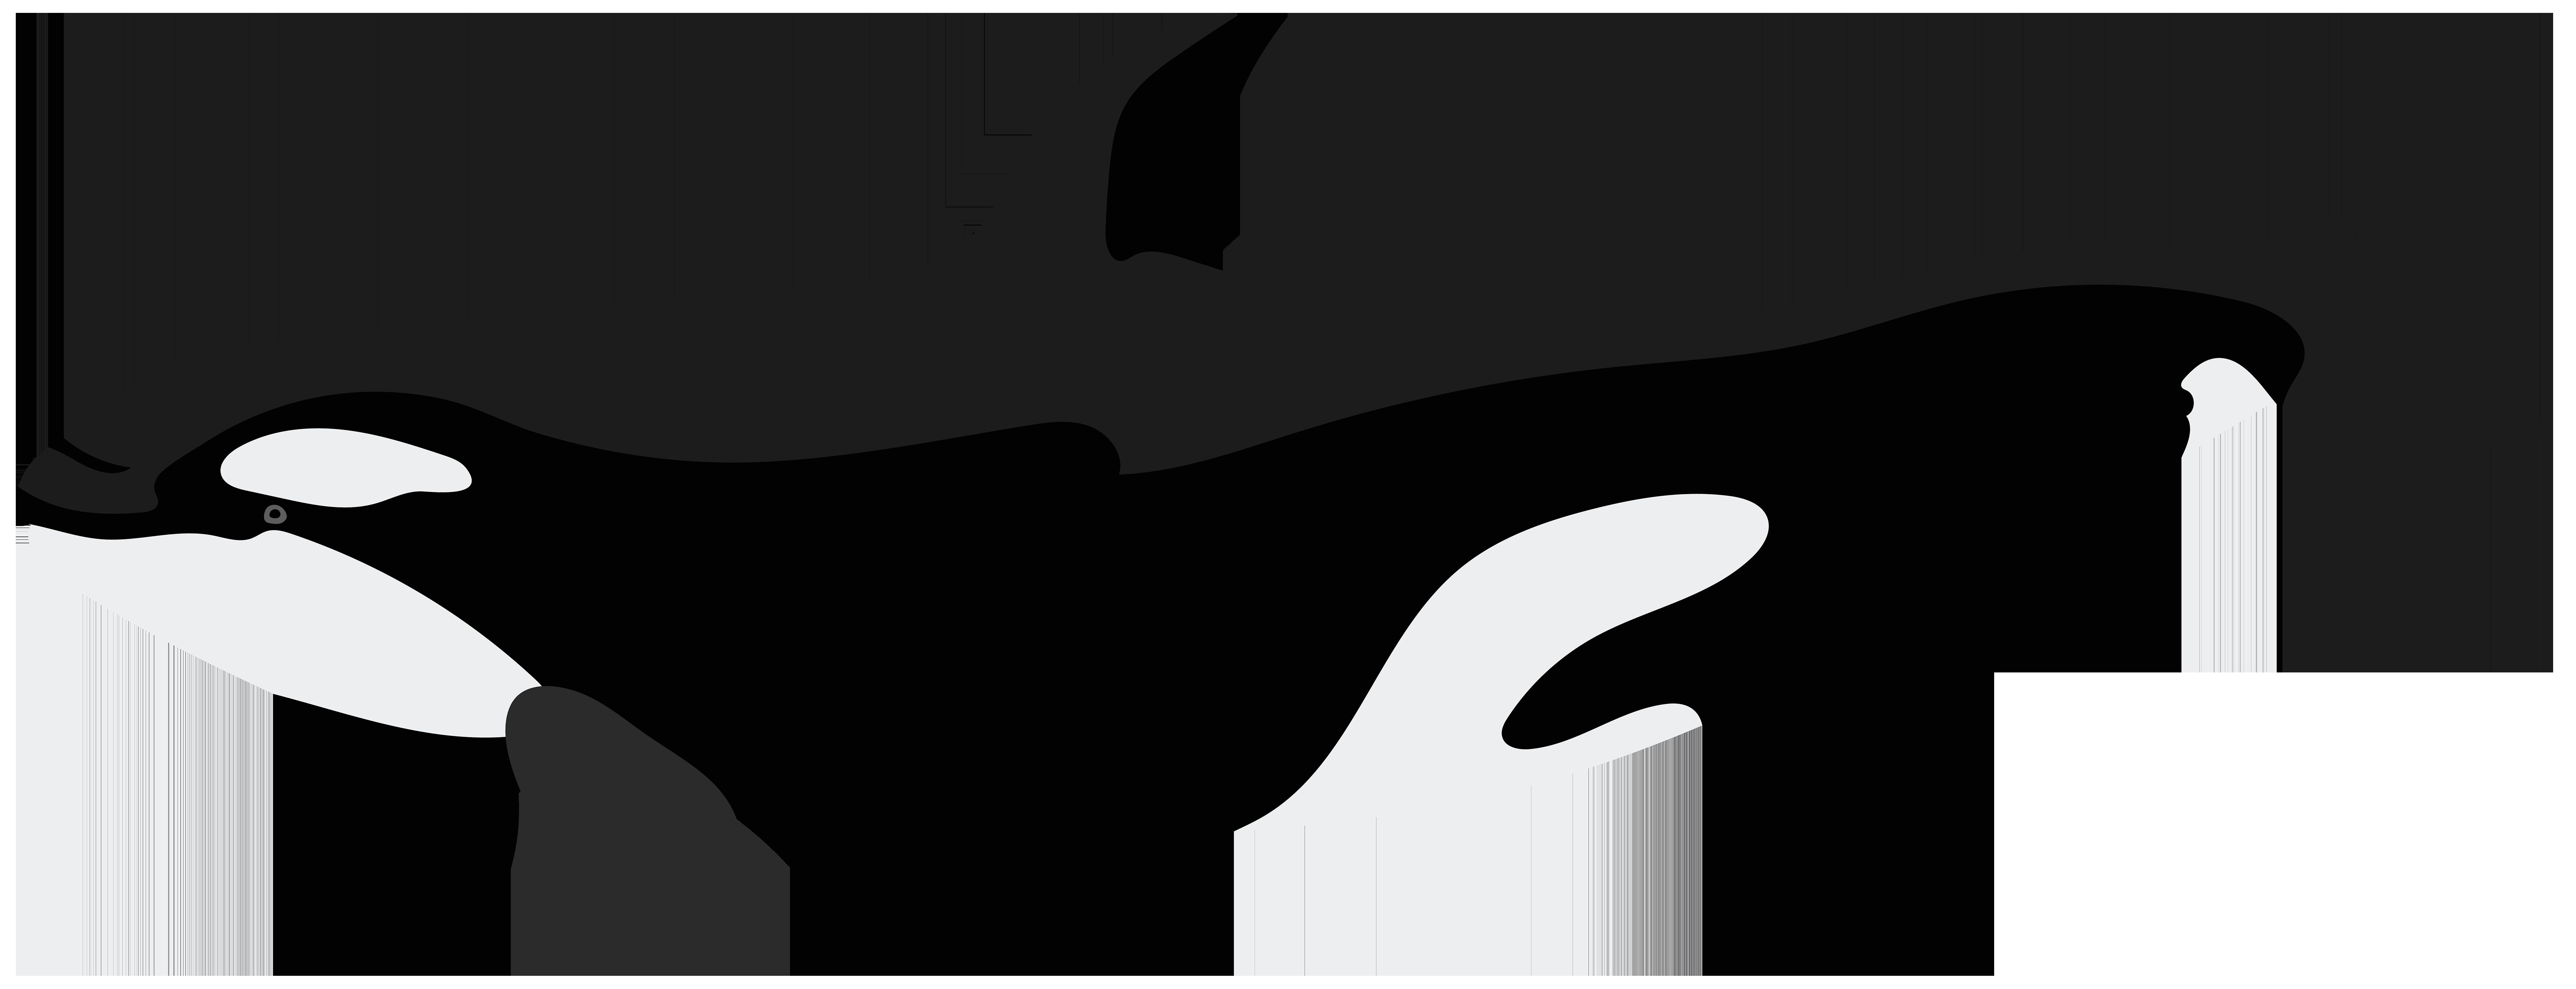 Orca PNG Clip Art Image.